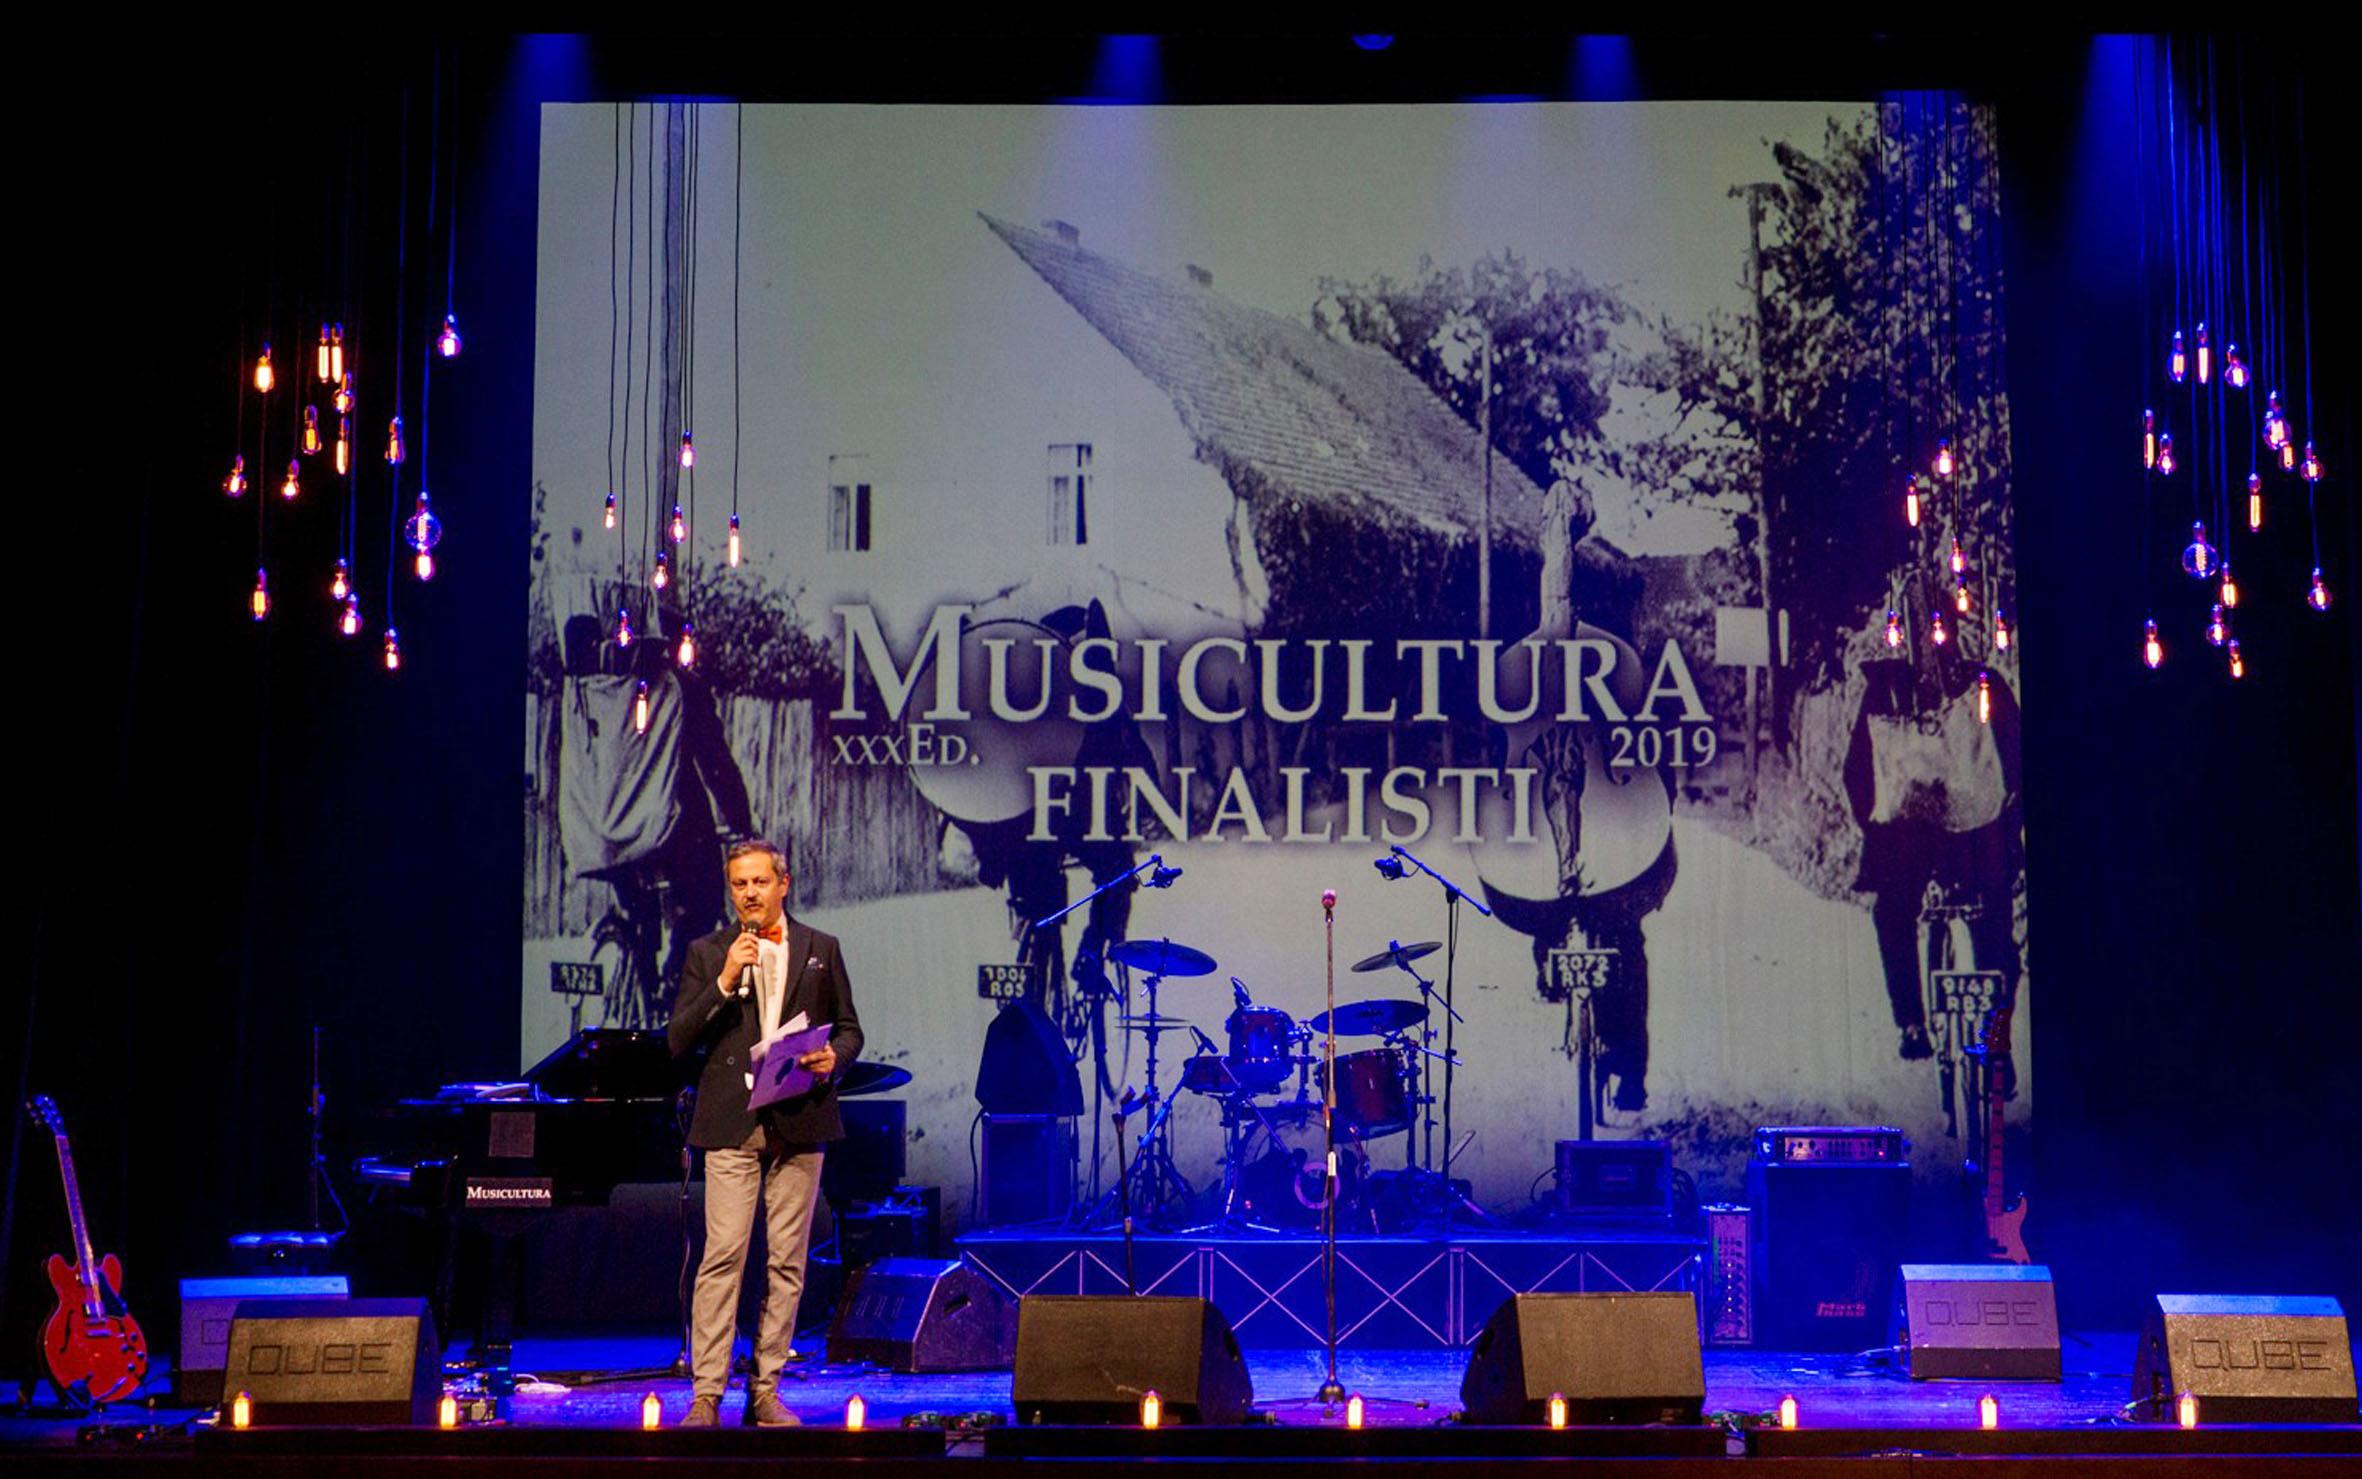 Musicultura, slitta il concerto dei finalisti al Teatro Persiani